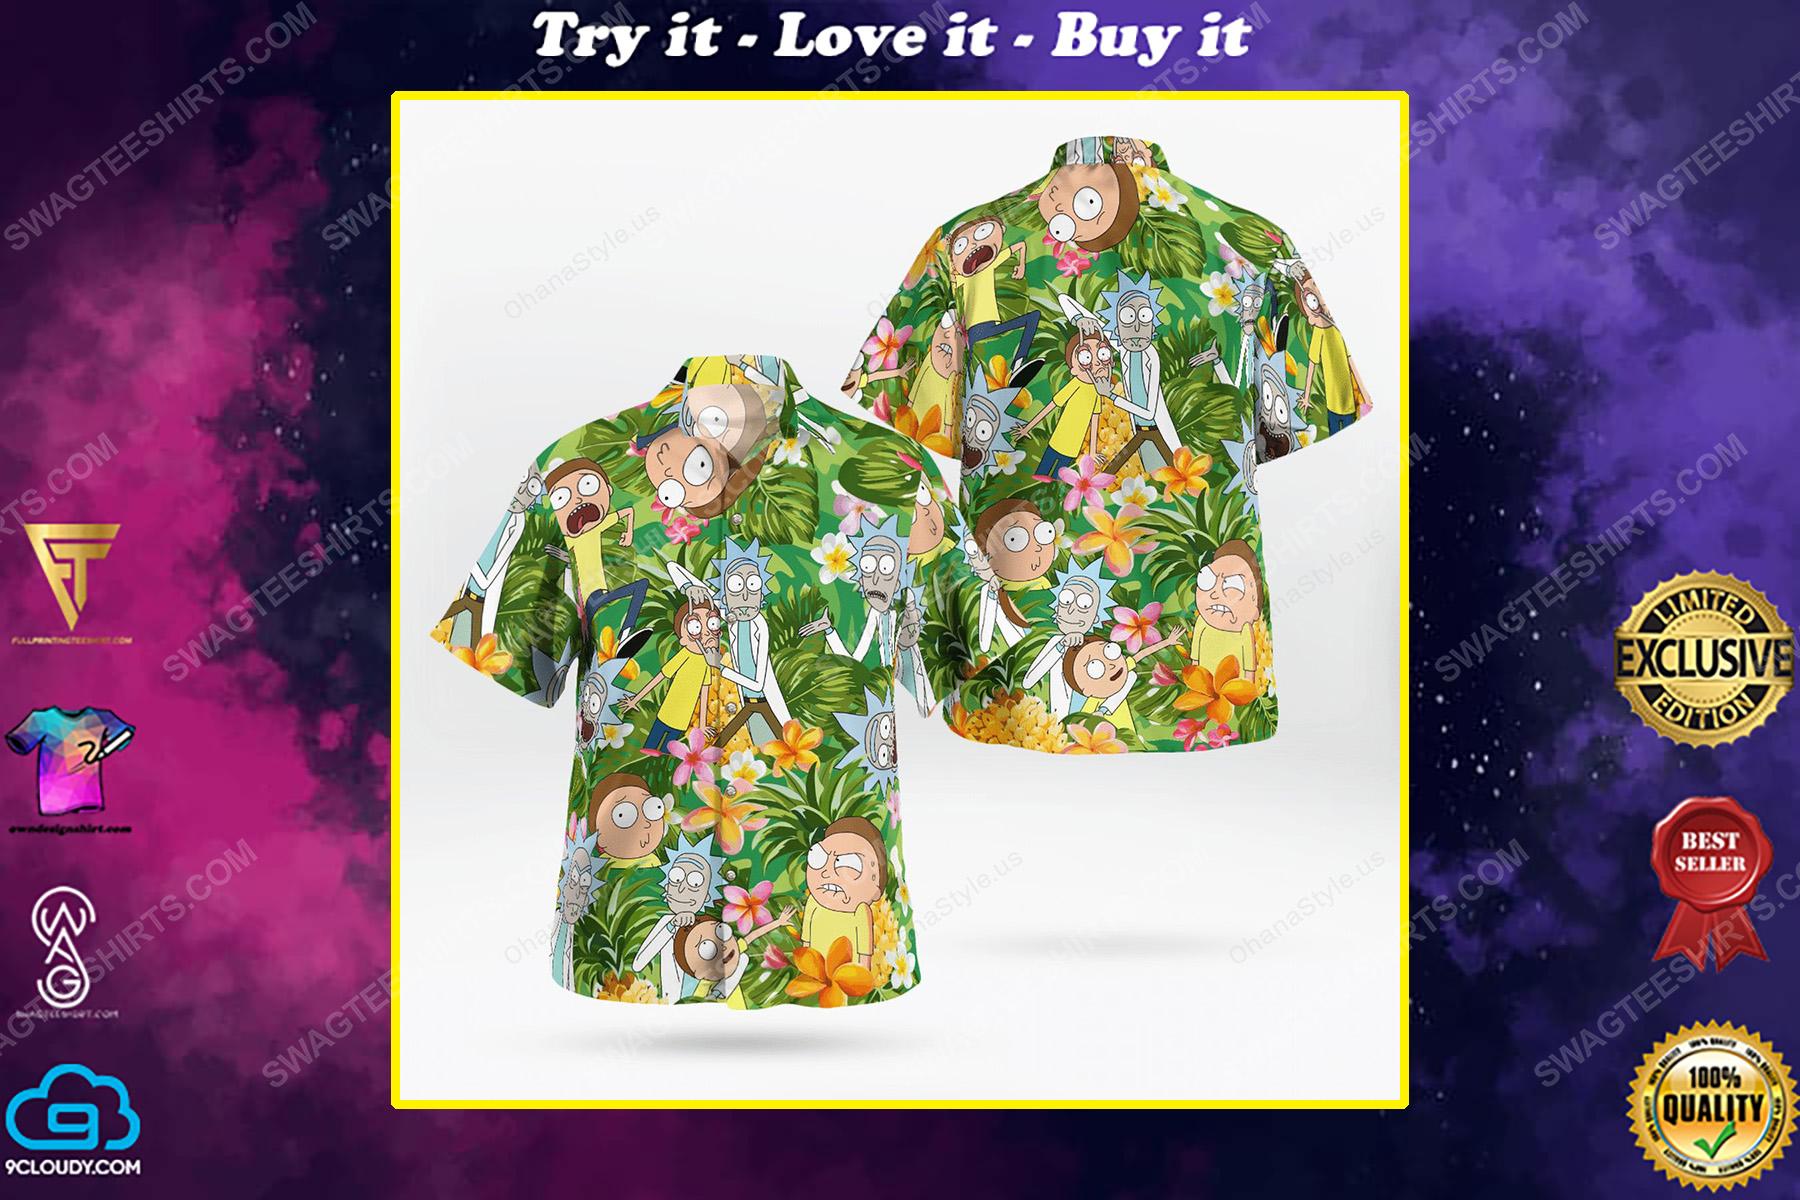 Rick and morty tropical hawaiian shirt